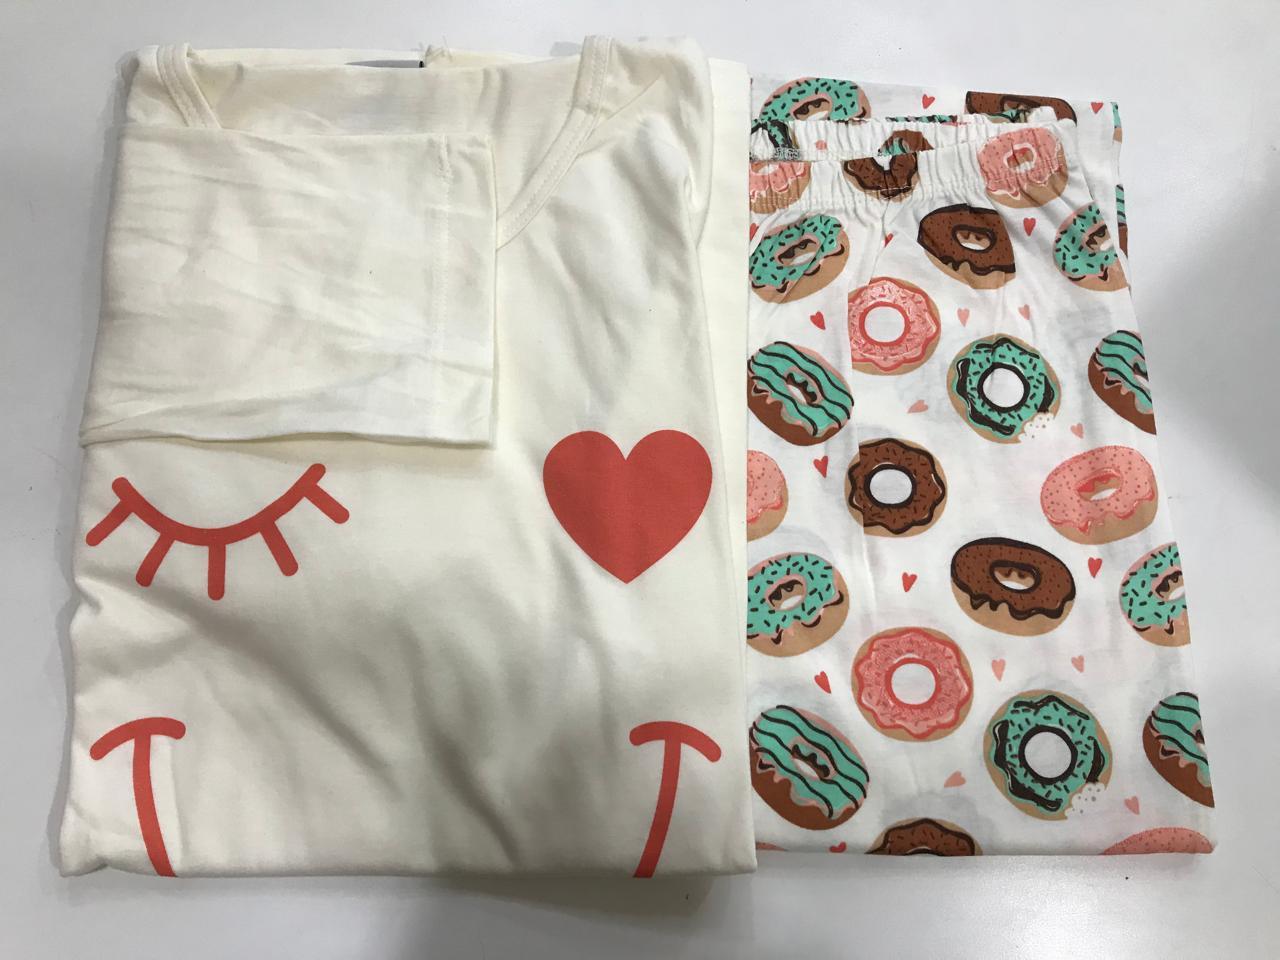 Pijama Feminino Adulto Lua Encantada Manga Longa sorriso Donuts com 433 em 100% algodão